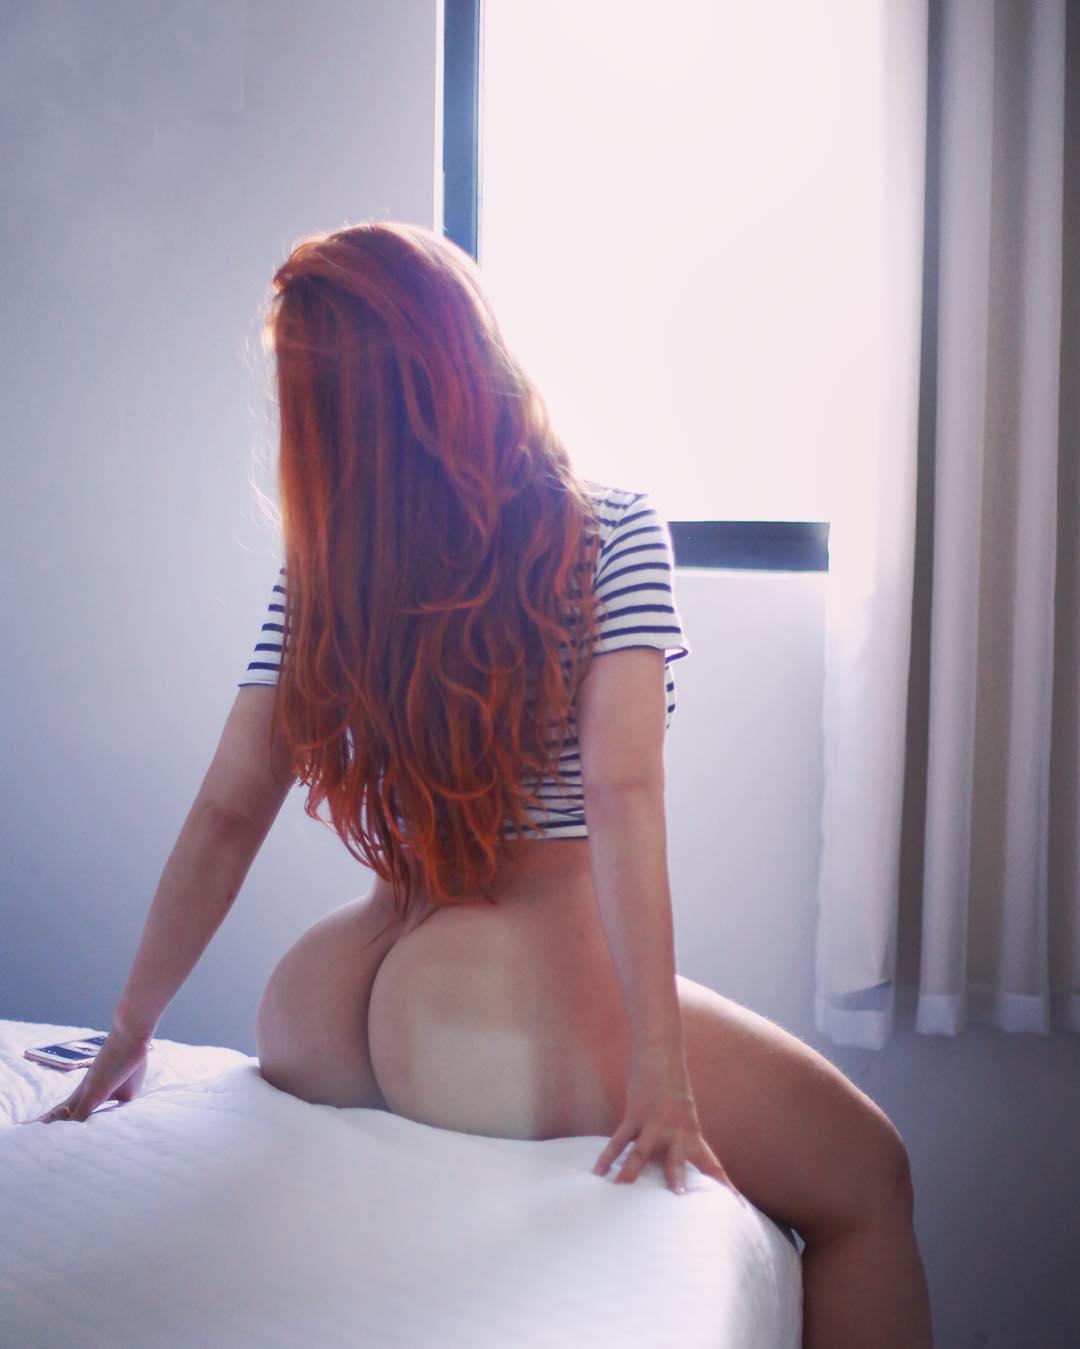 Рыжие девушки показали себя в одежде и без нее смотреть эротику